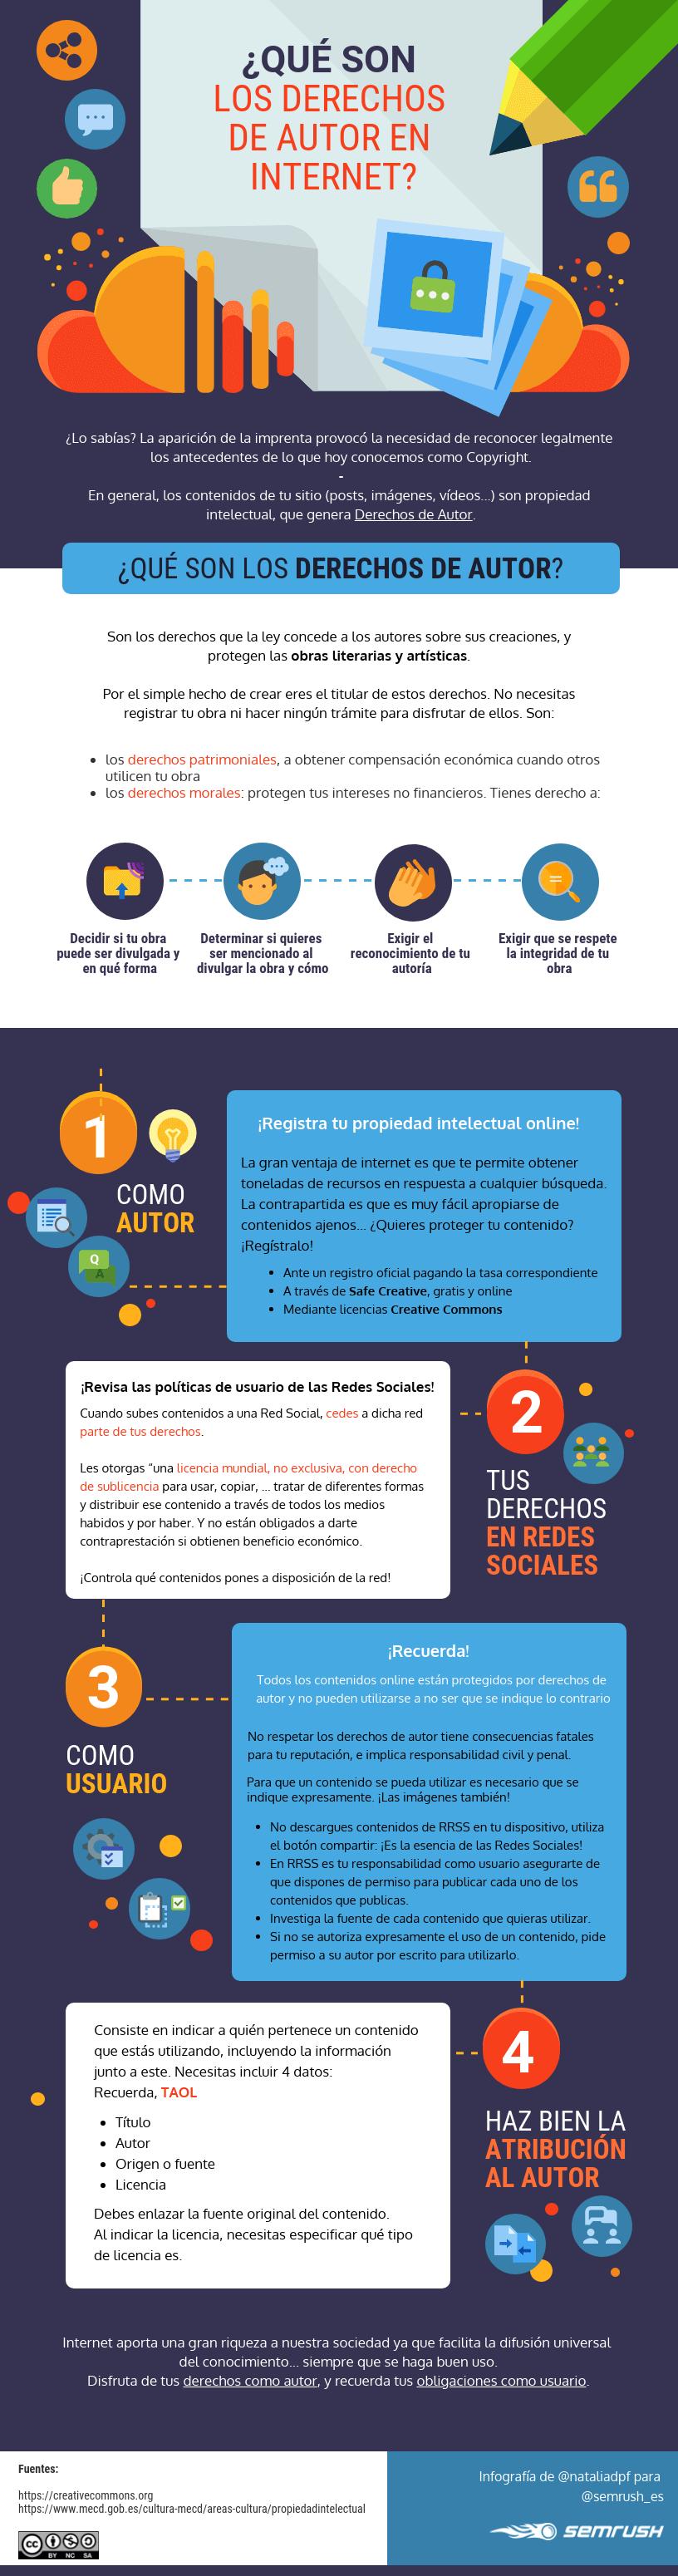 Derechos de autor en internet - Infografía